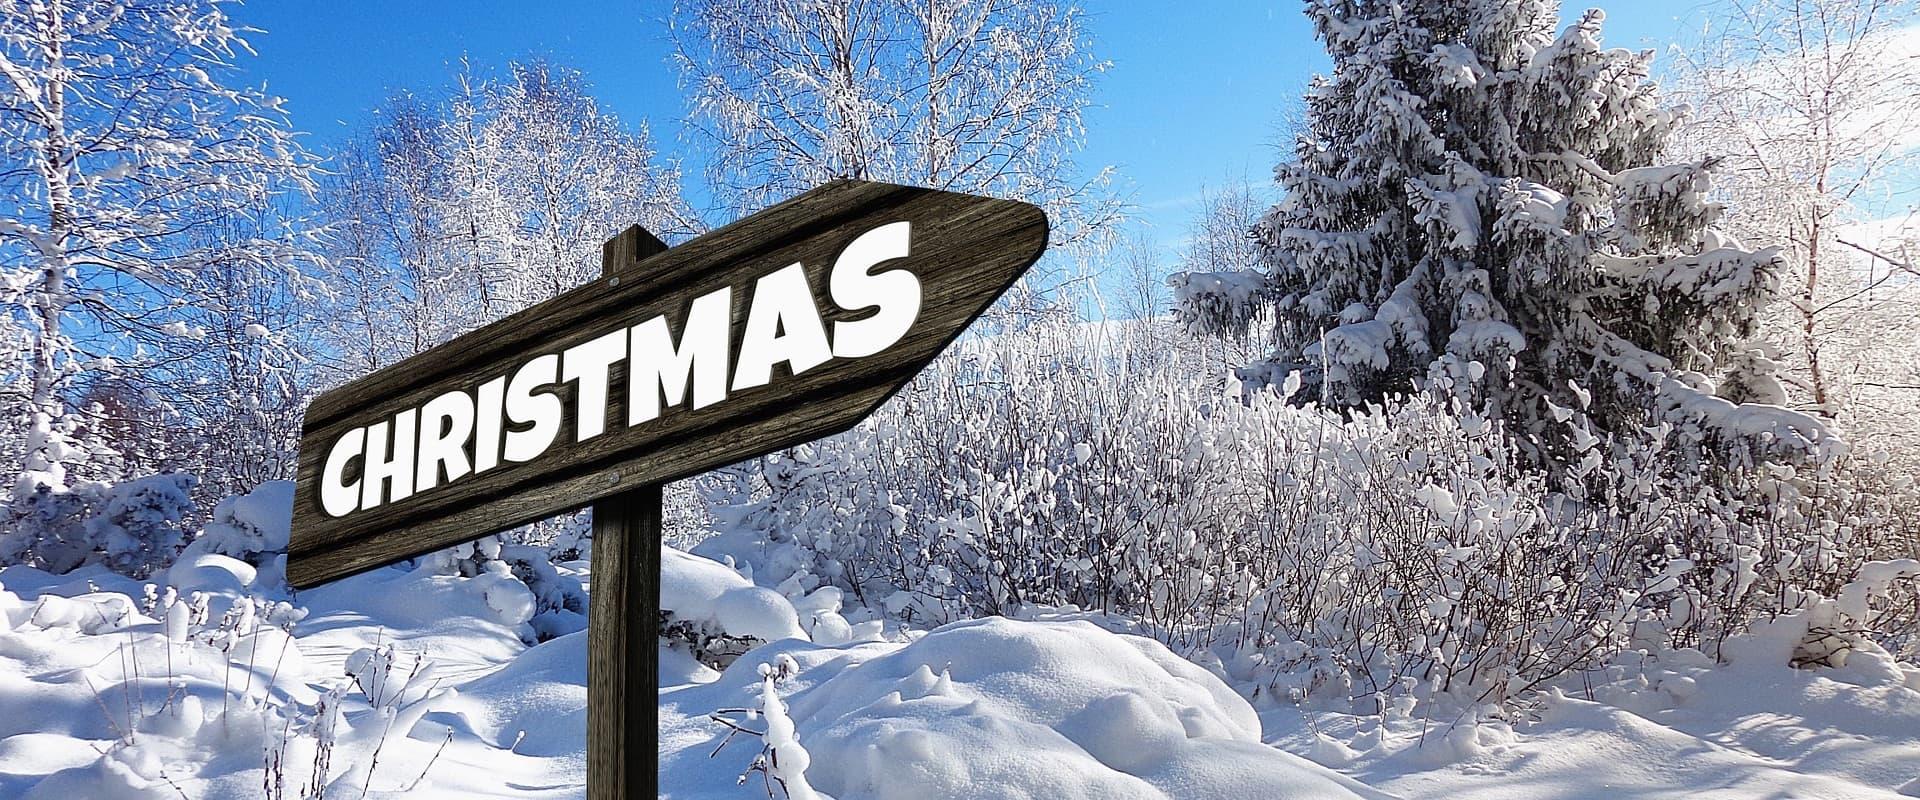 Weiße Weihnachten Schneelandschaft